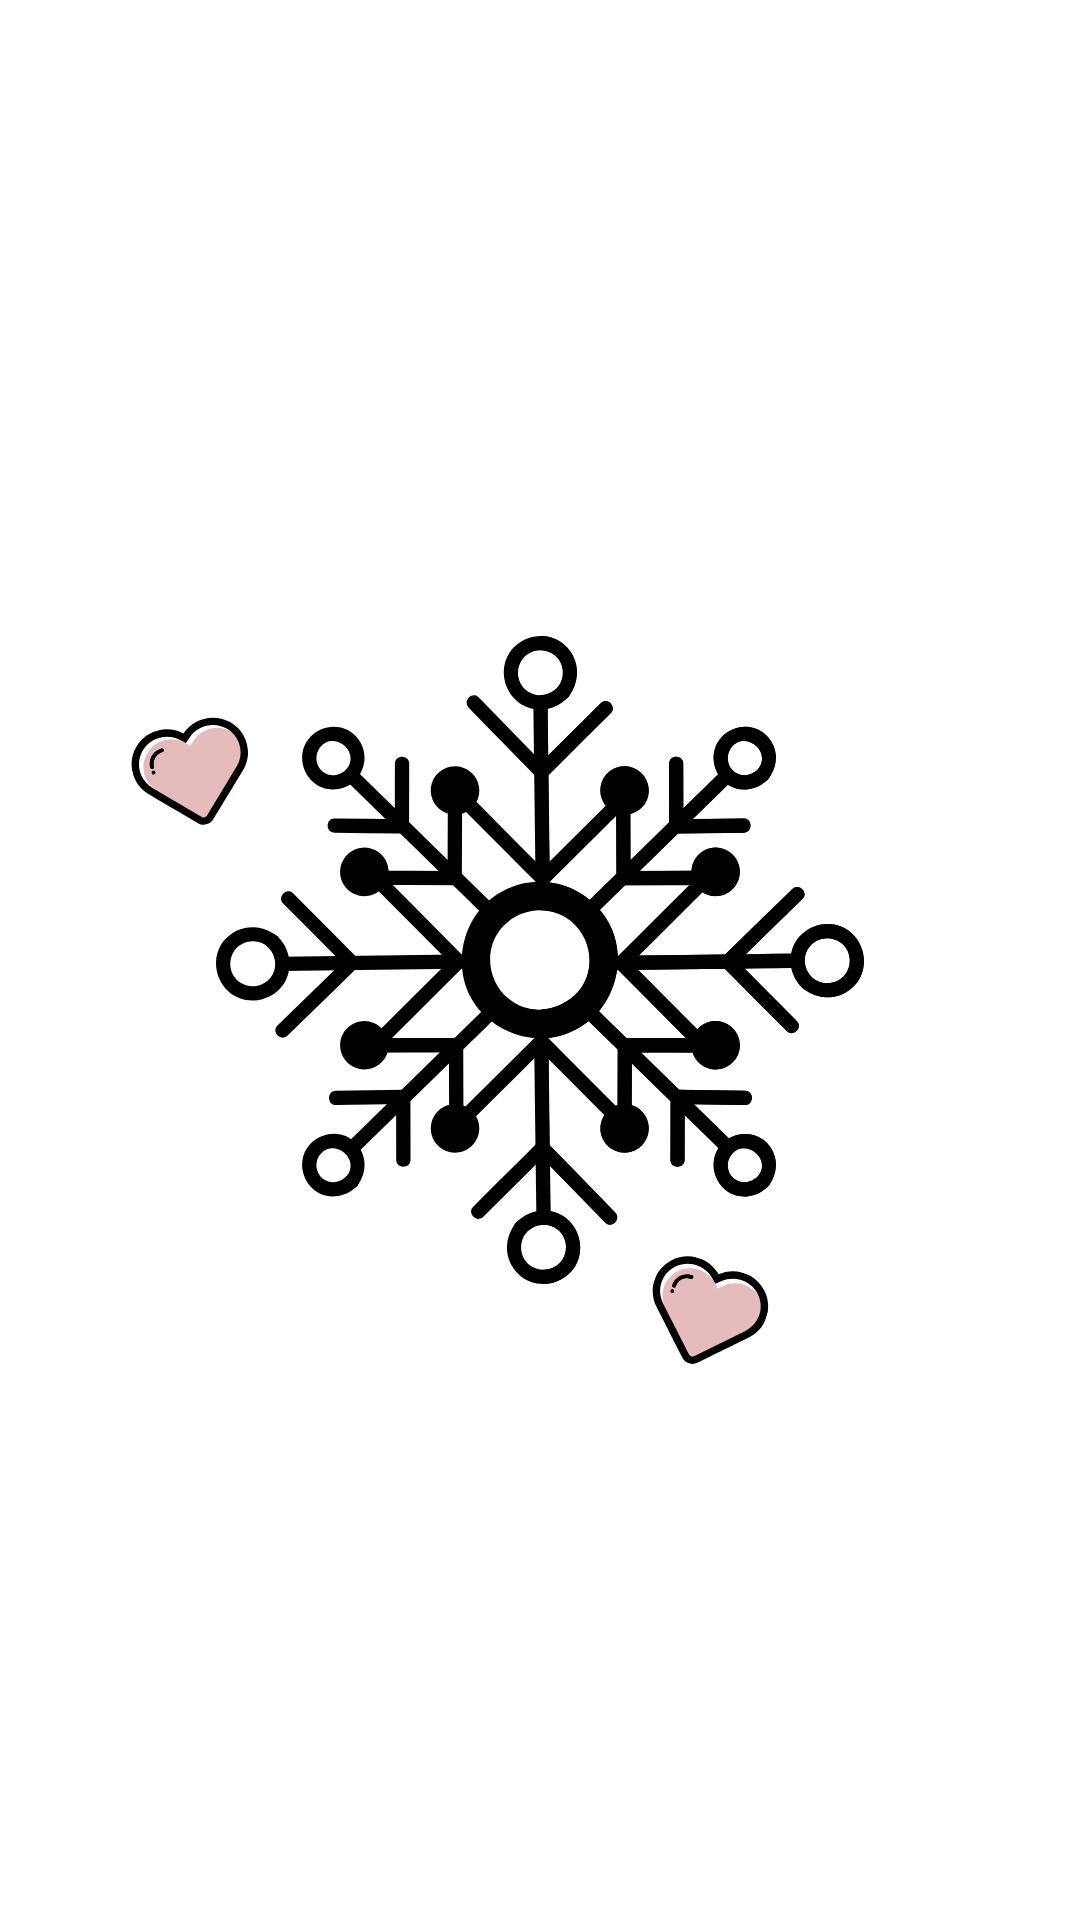 Icon Instagram Rosa Winter Snow Snowflake Schneeflocke Instagram Icons Winter Instagram Instagram Logo